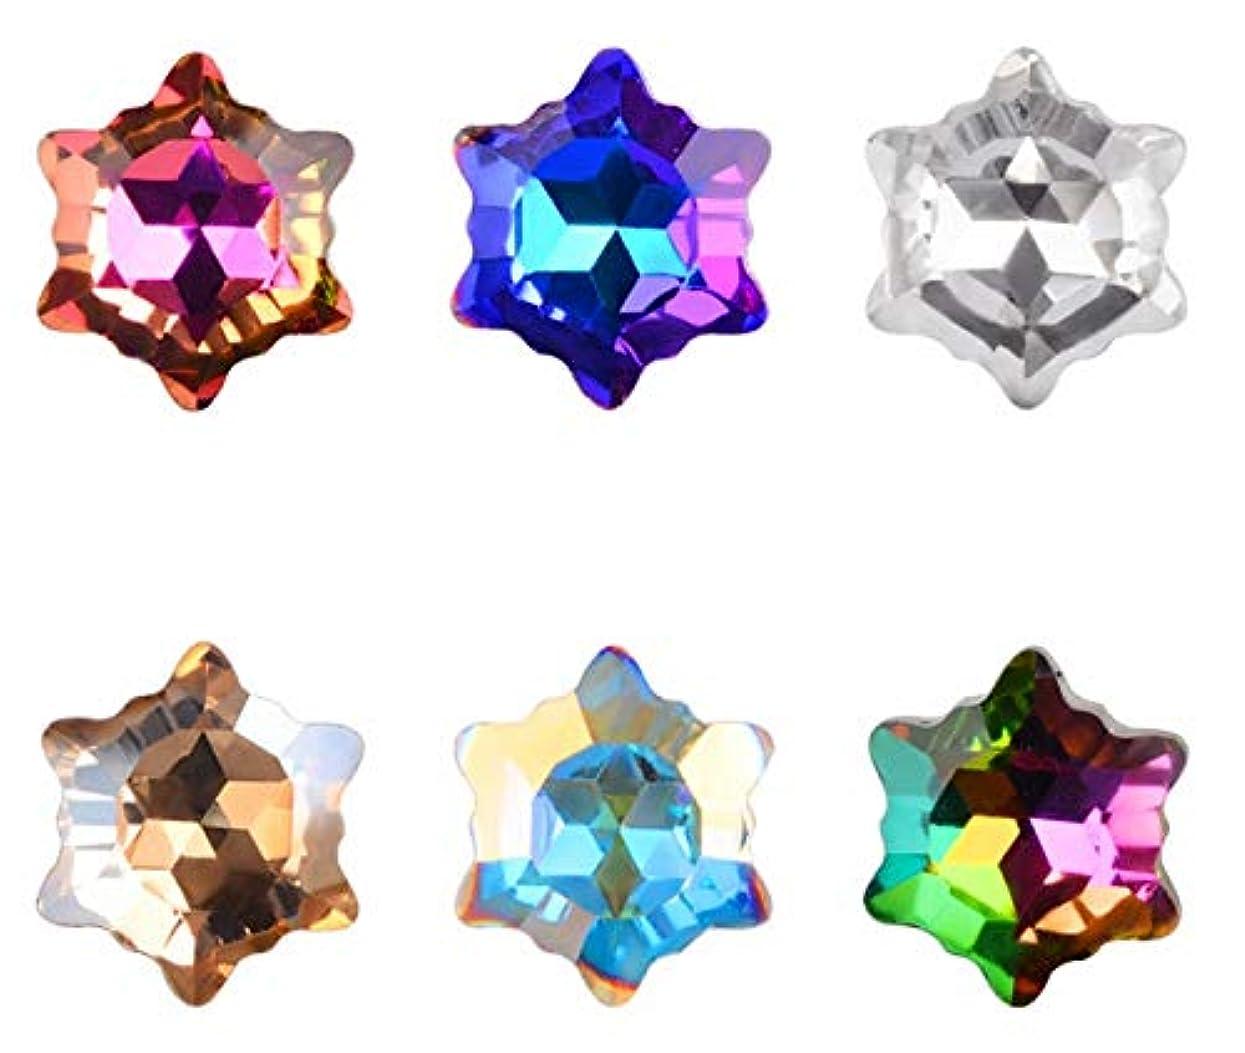 垂直繁雑アトミックTianmey 6Piecesネイル結晶ネイルズ装飾用宝石ストーンズアートラインストーンヒラタグラスチャームネイル